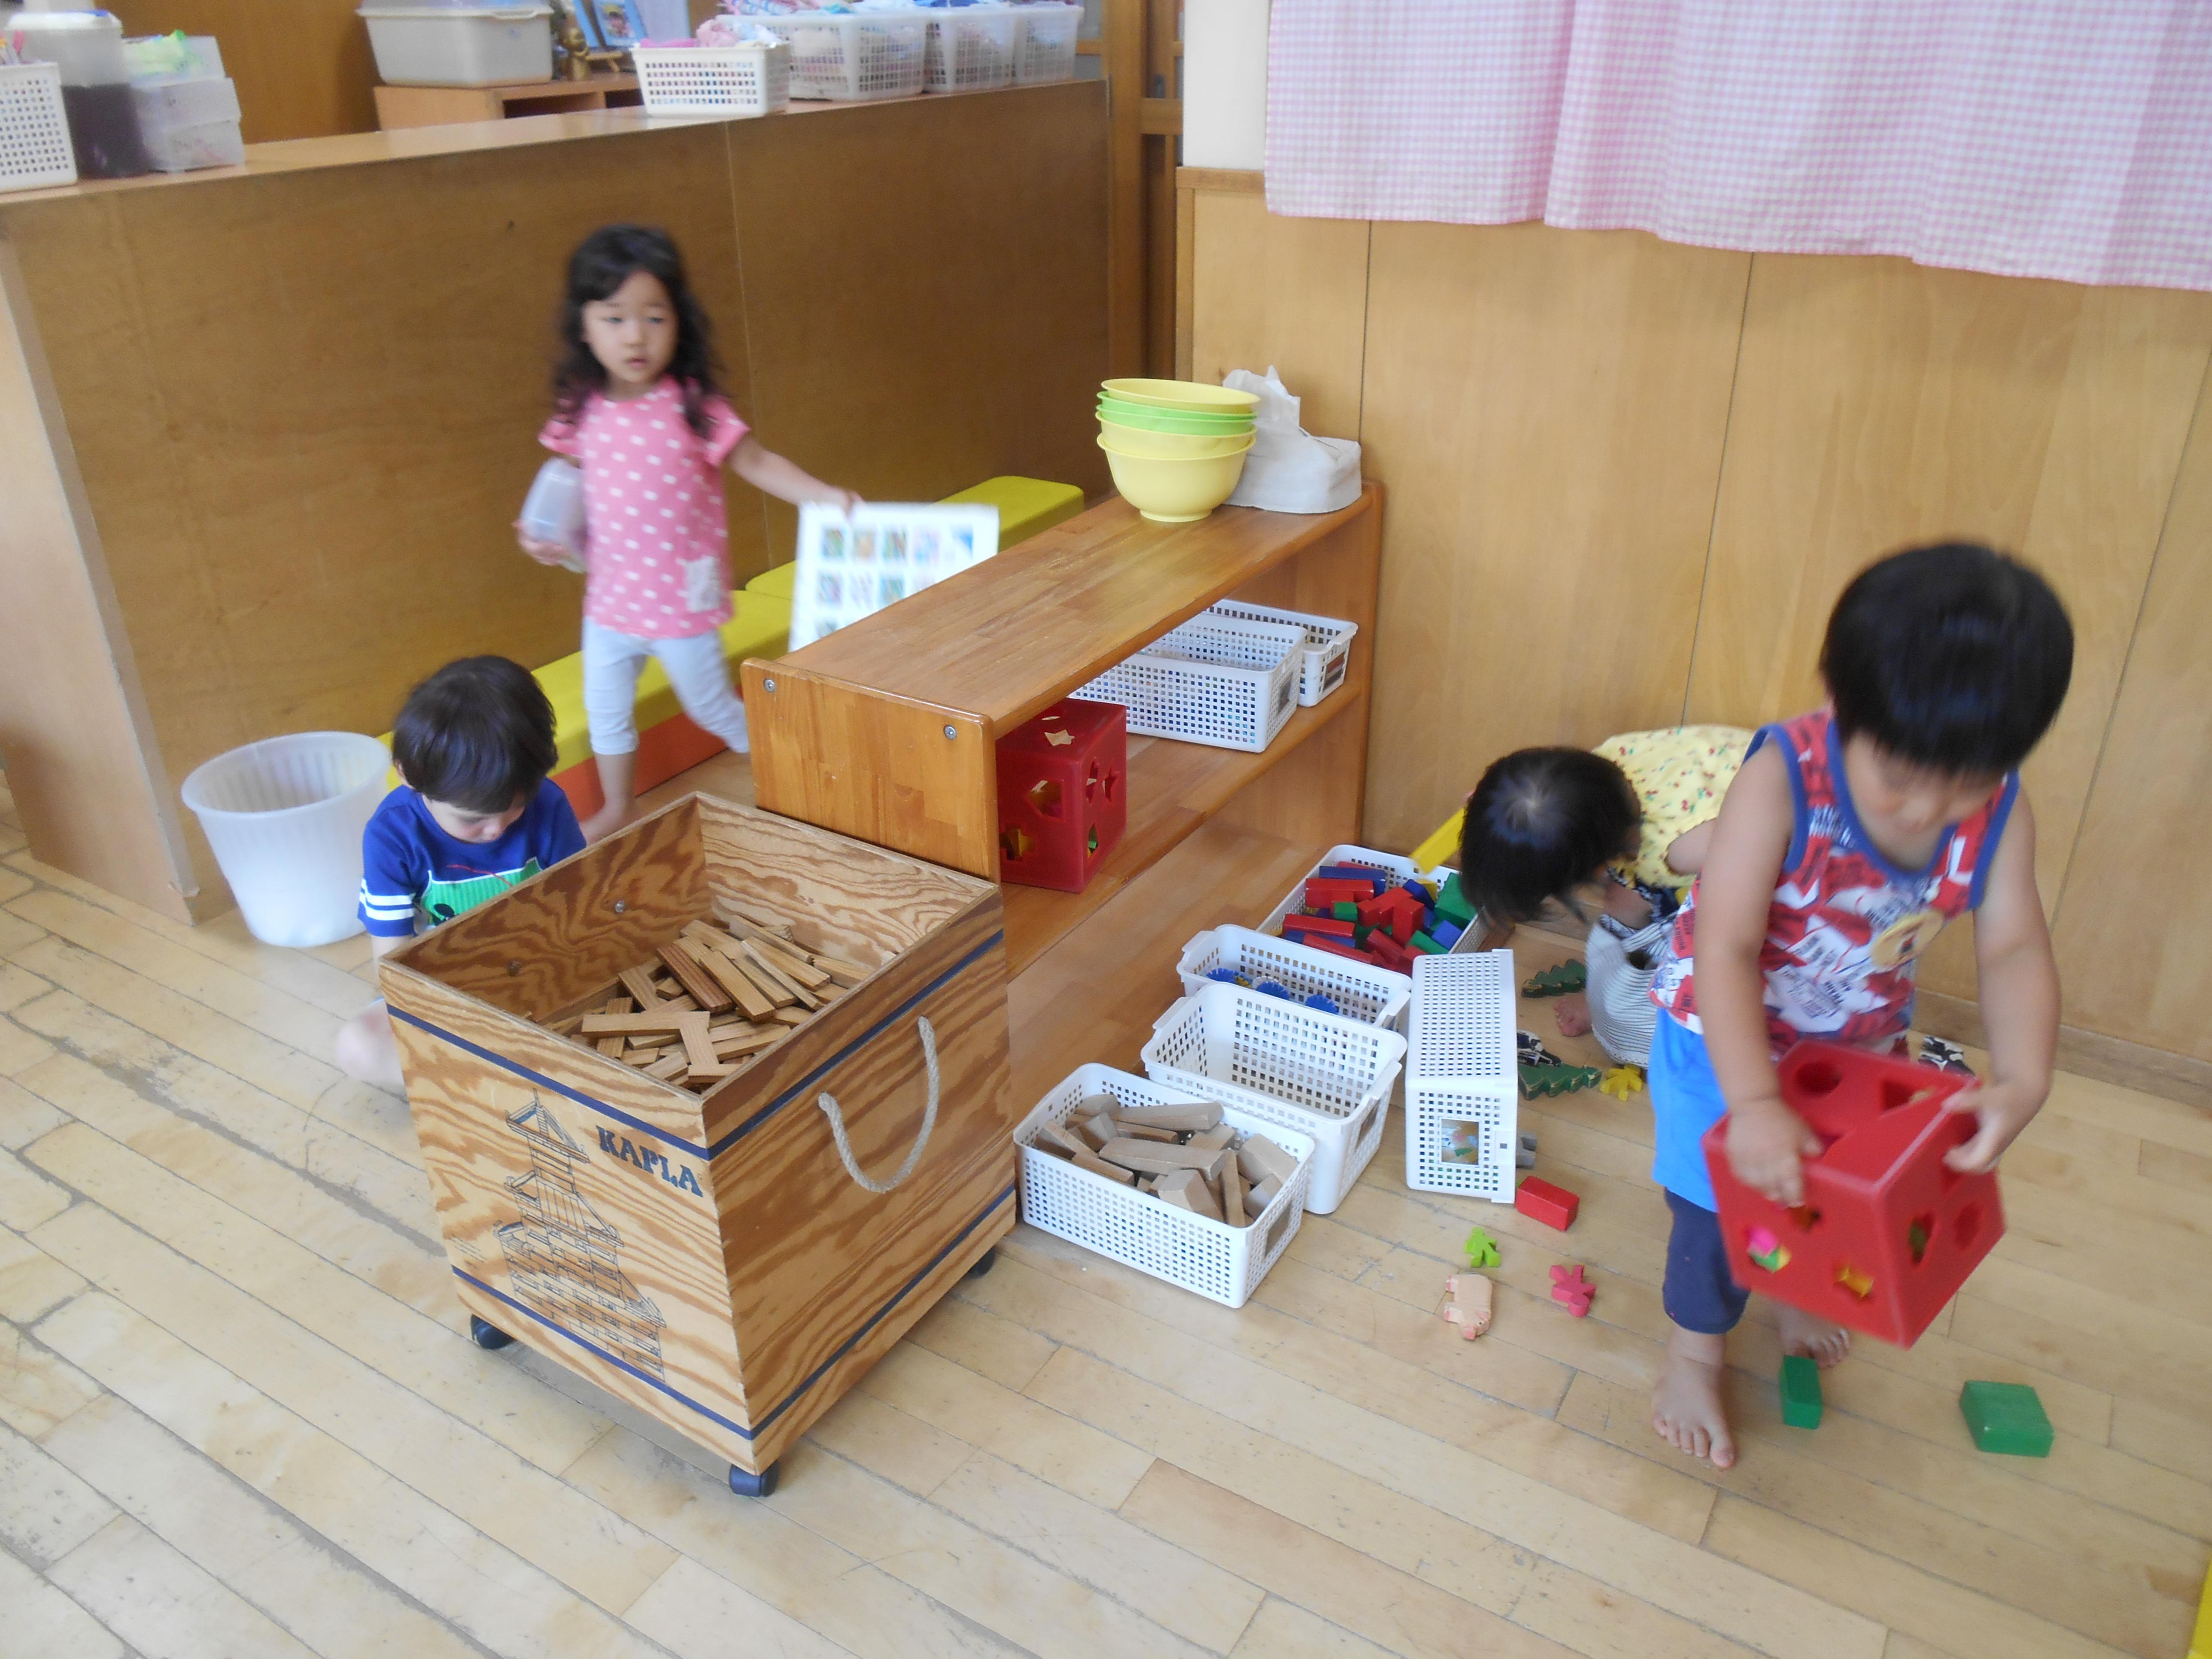 歳児 2 室内 遊び